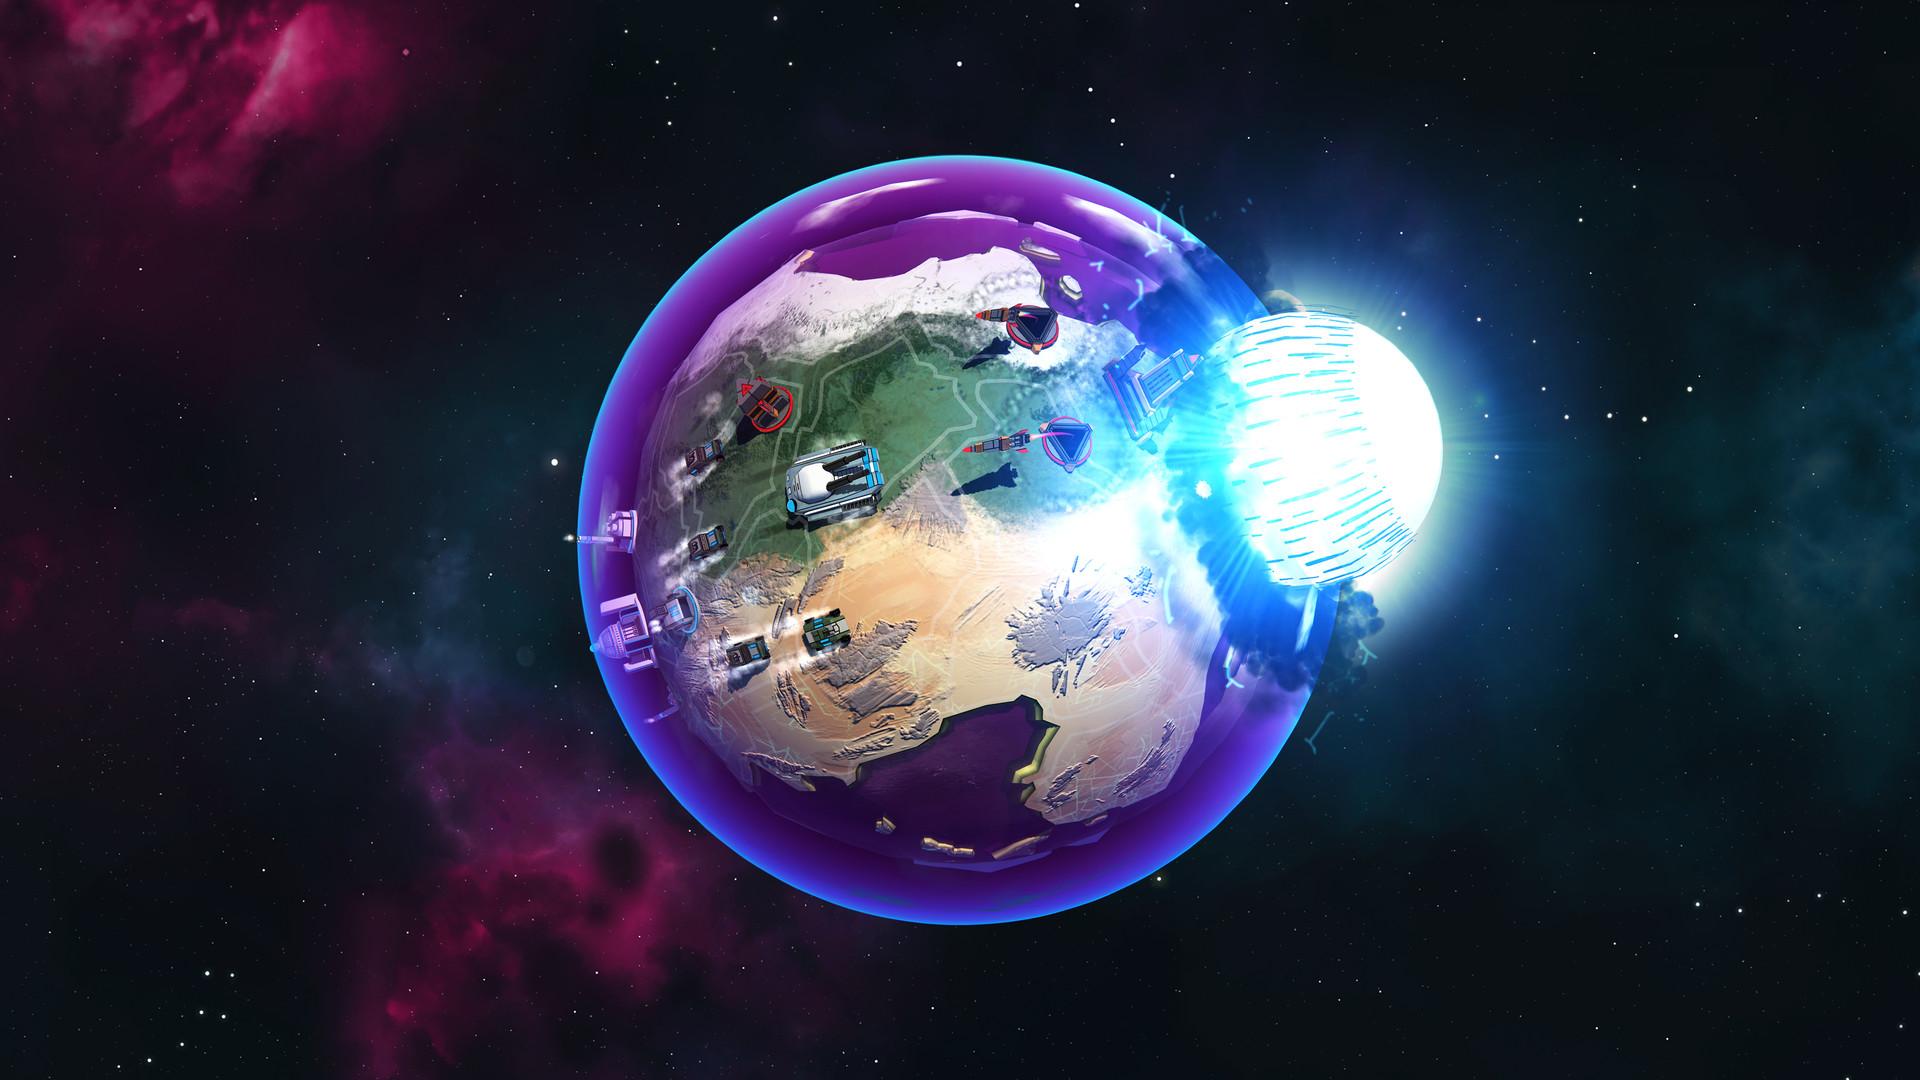 星际指挥官图片